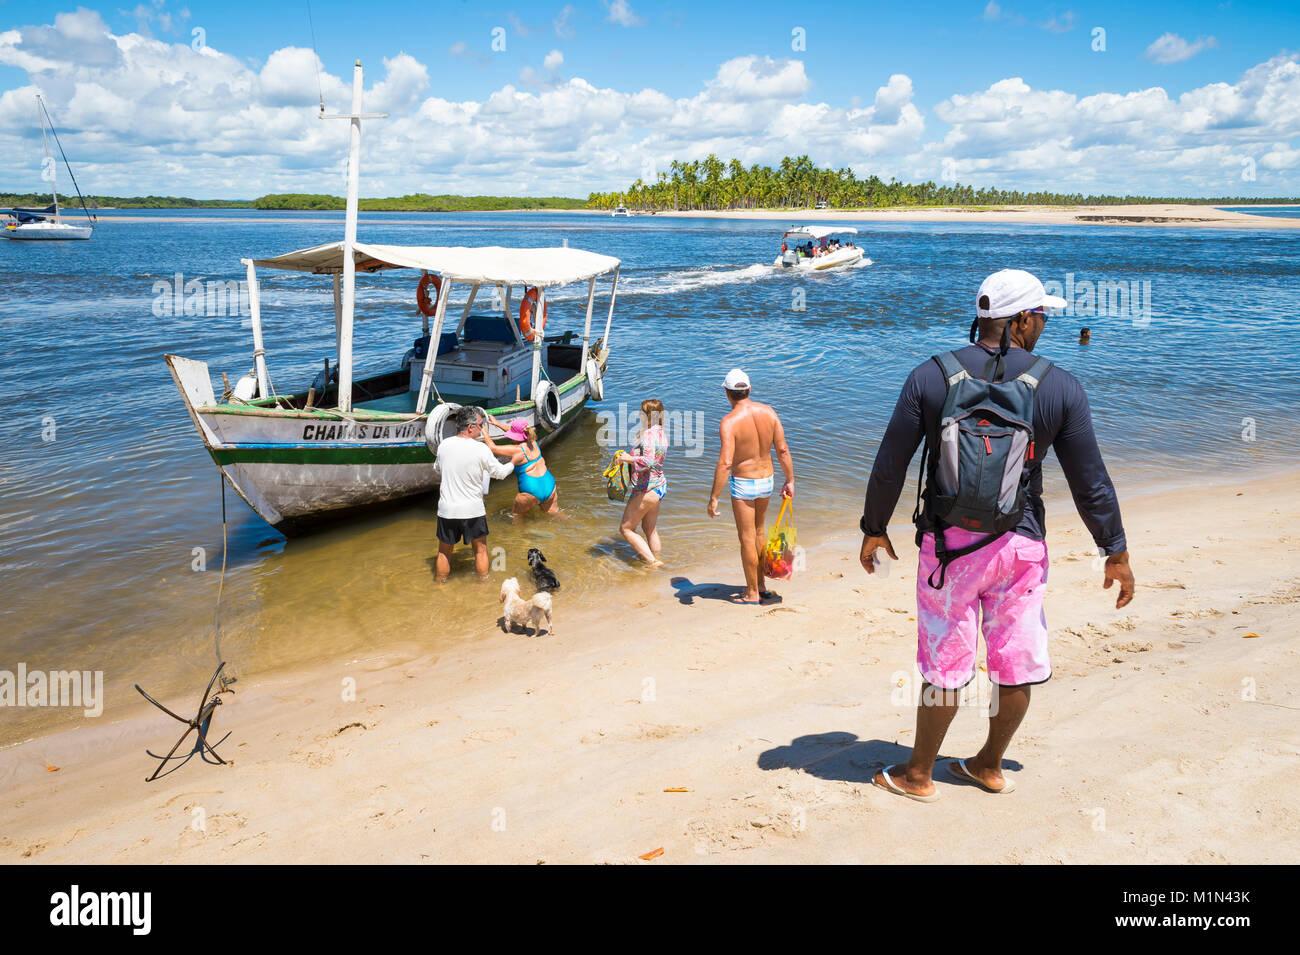 Cairú, Brasil - 15 de febrero de 2017: un capitán de barco brasileño espera a los turistas a bordo Imagen De Stock